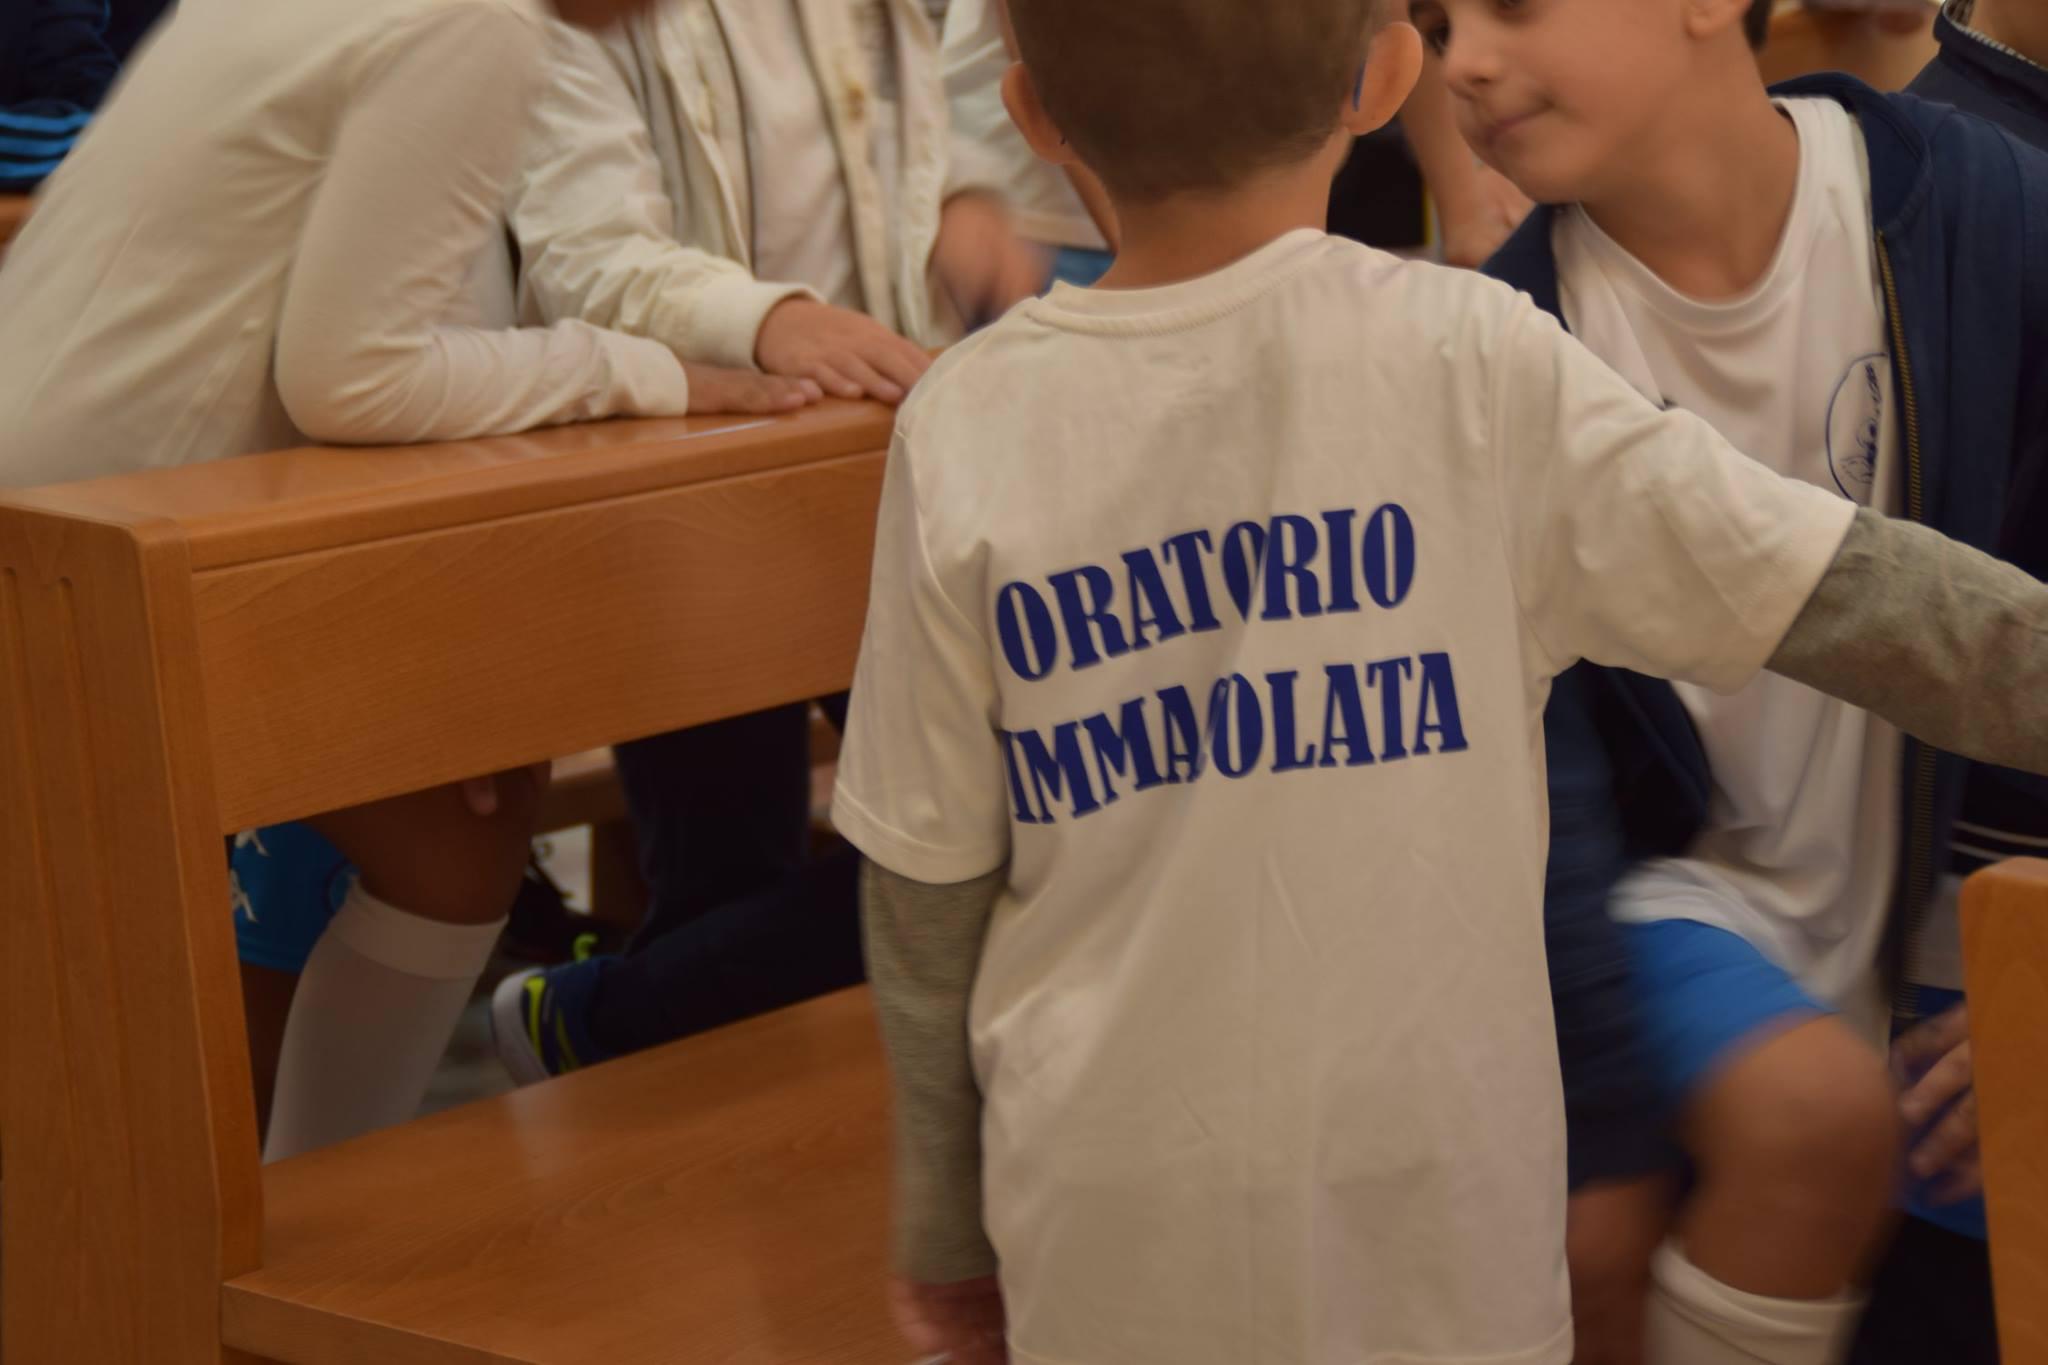 oratorio in chiesa